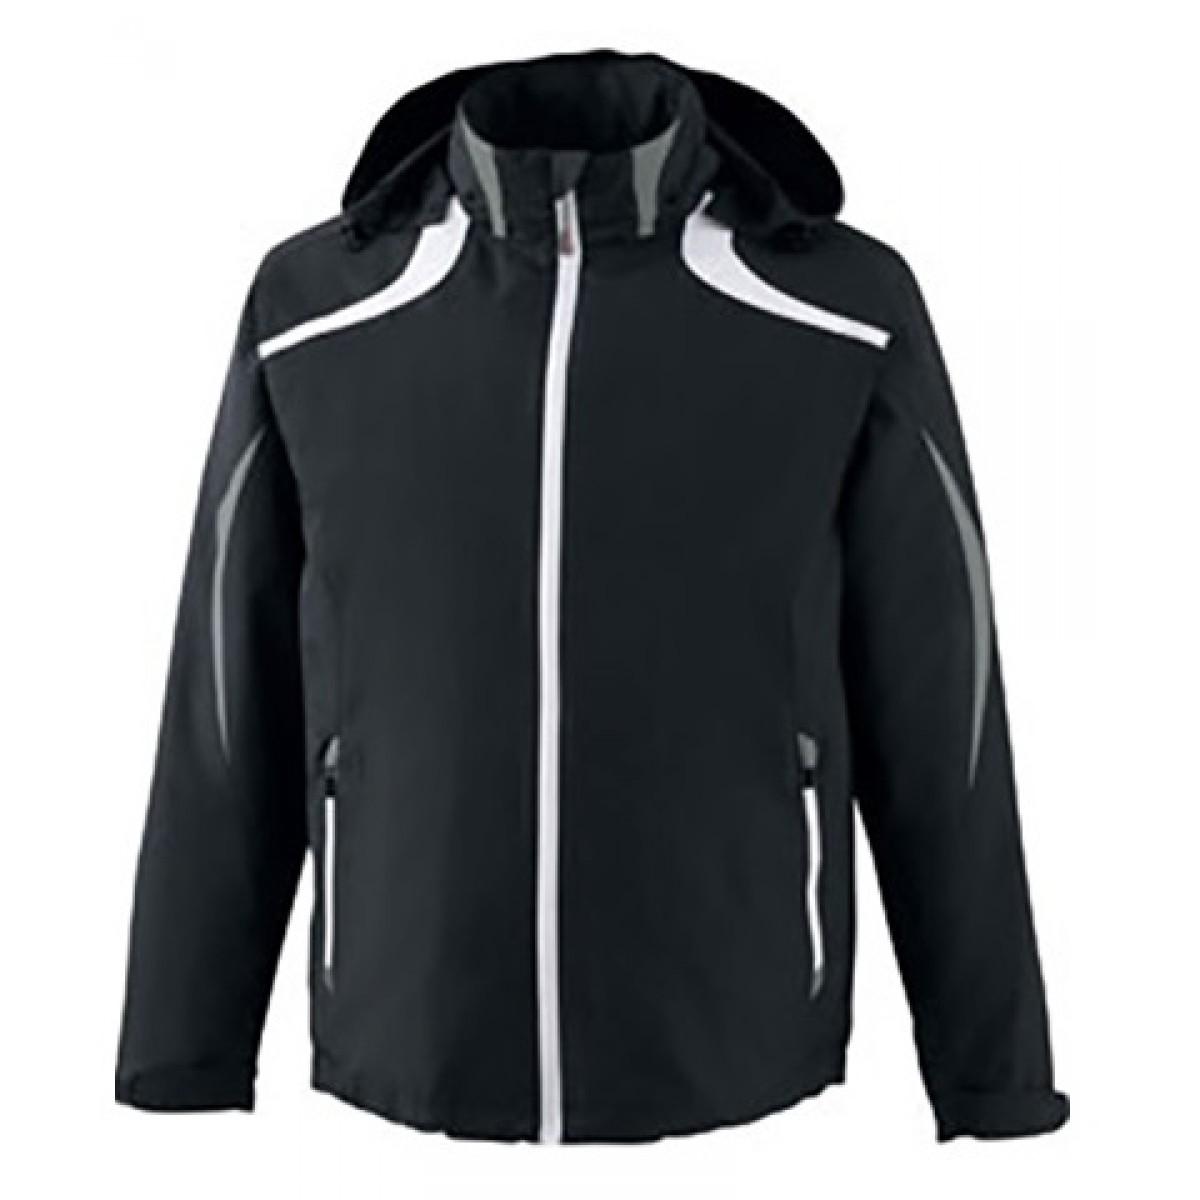 North End Men's Impact Active Lite Colorblock Jacket-Black-M